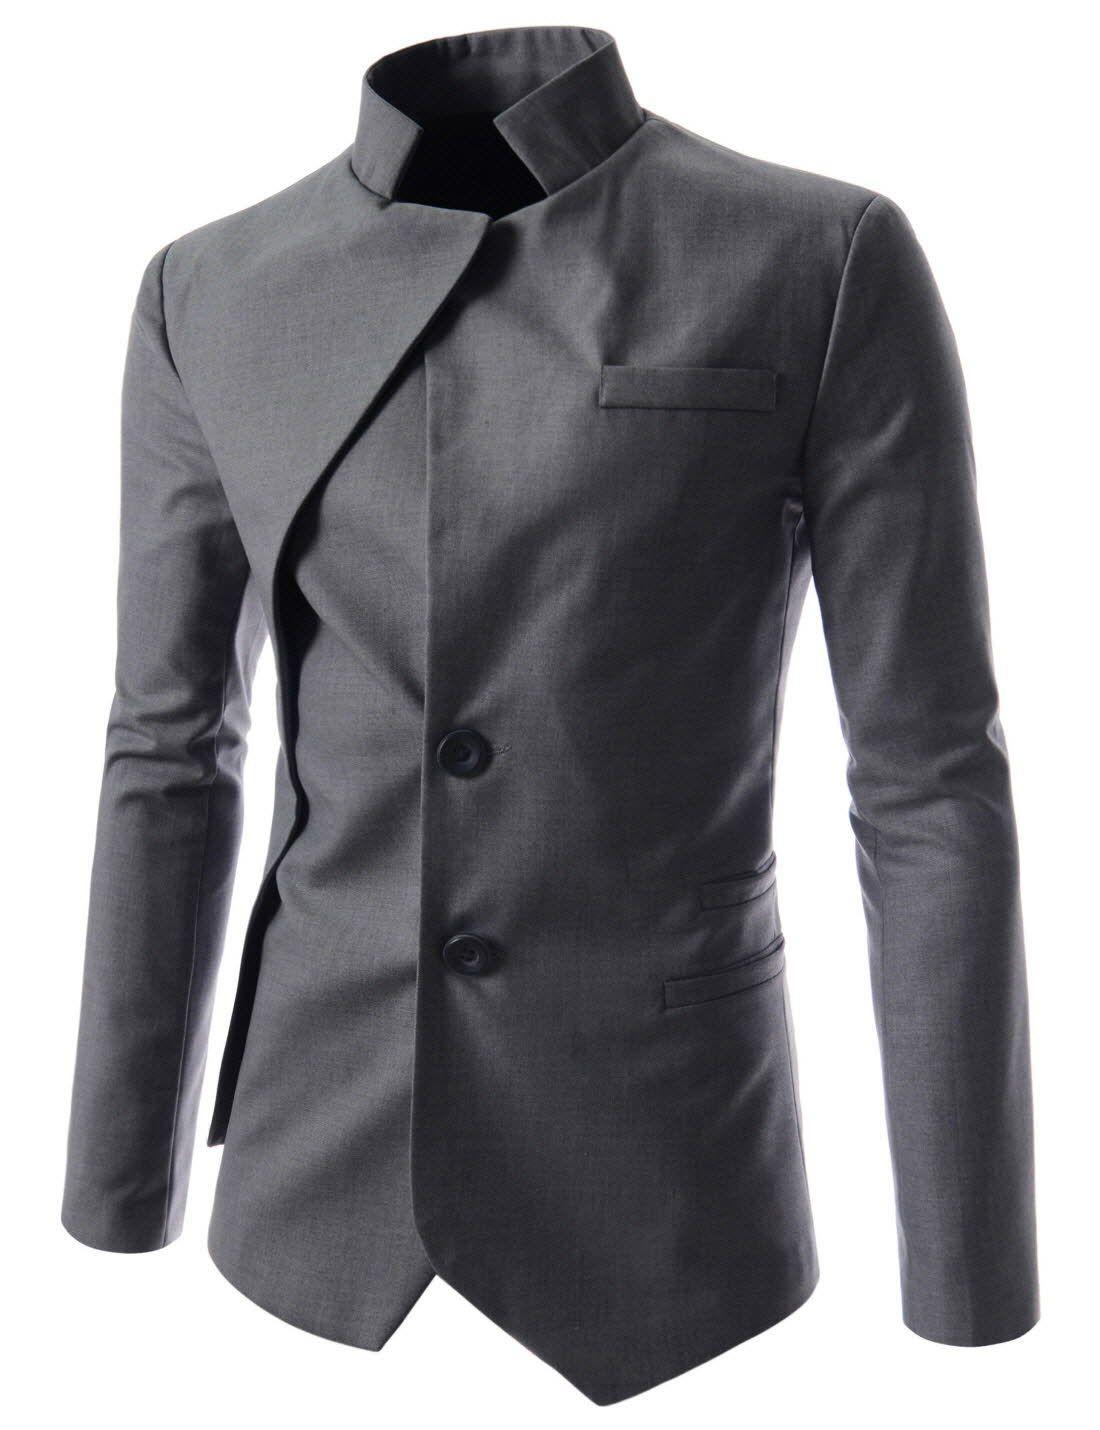 b1f51455f2 NJK) Mens unbalance 2 button china collar jacket   sweater land ...